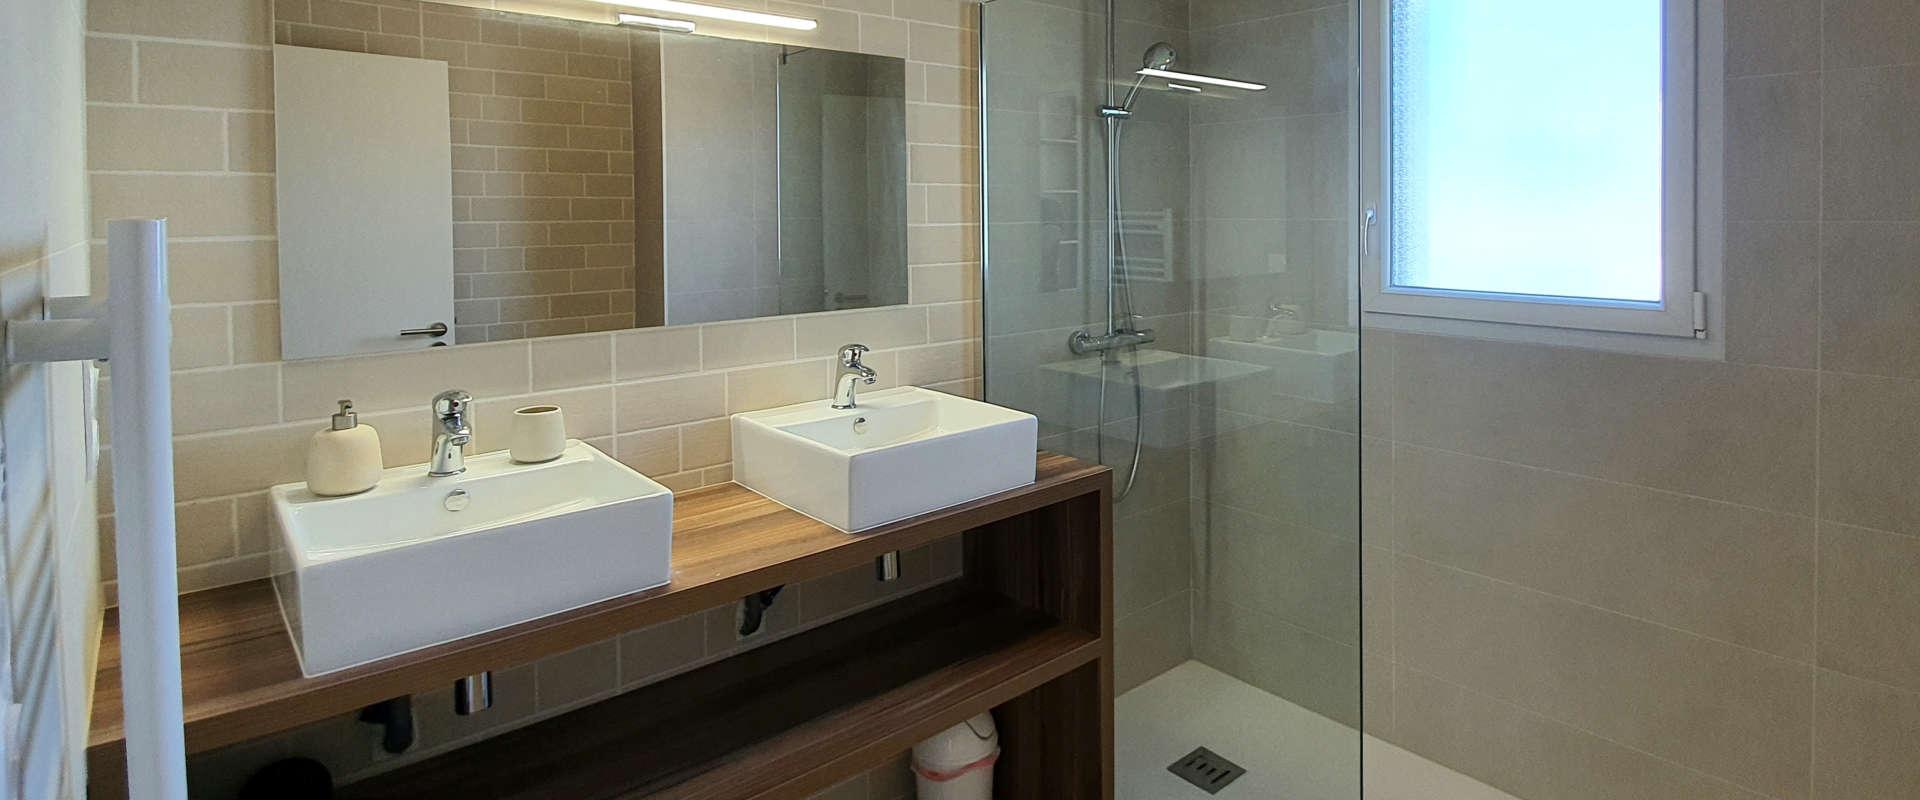 villa-des-marins-pecheurs-8-salle-d-eau-chambre1.jpg